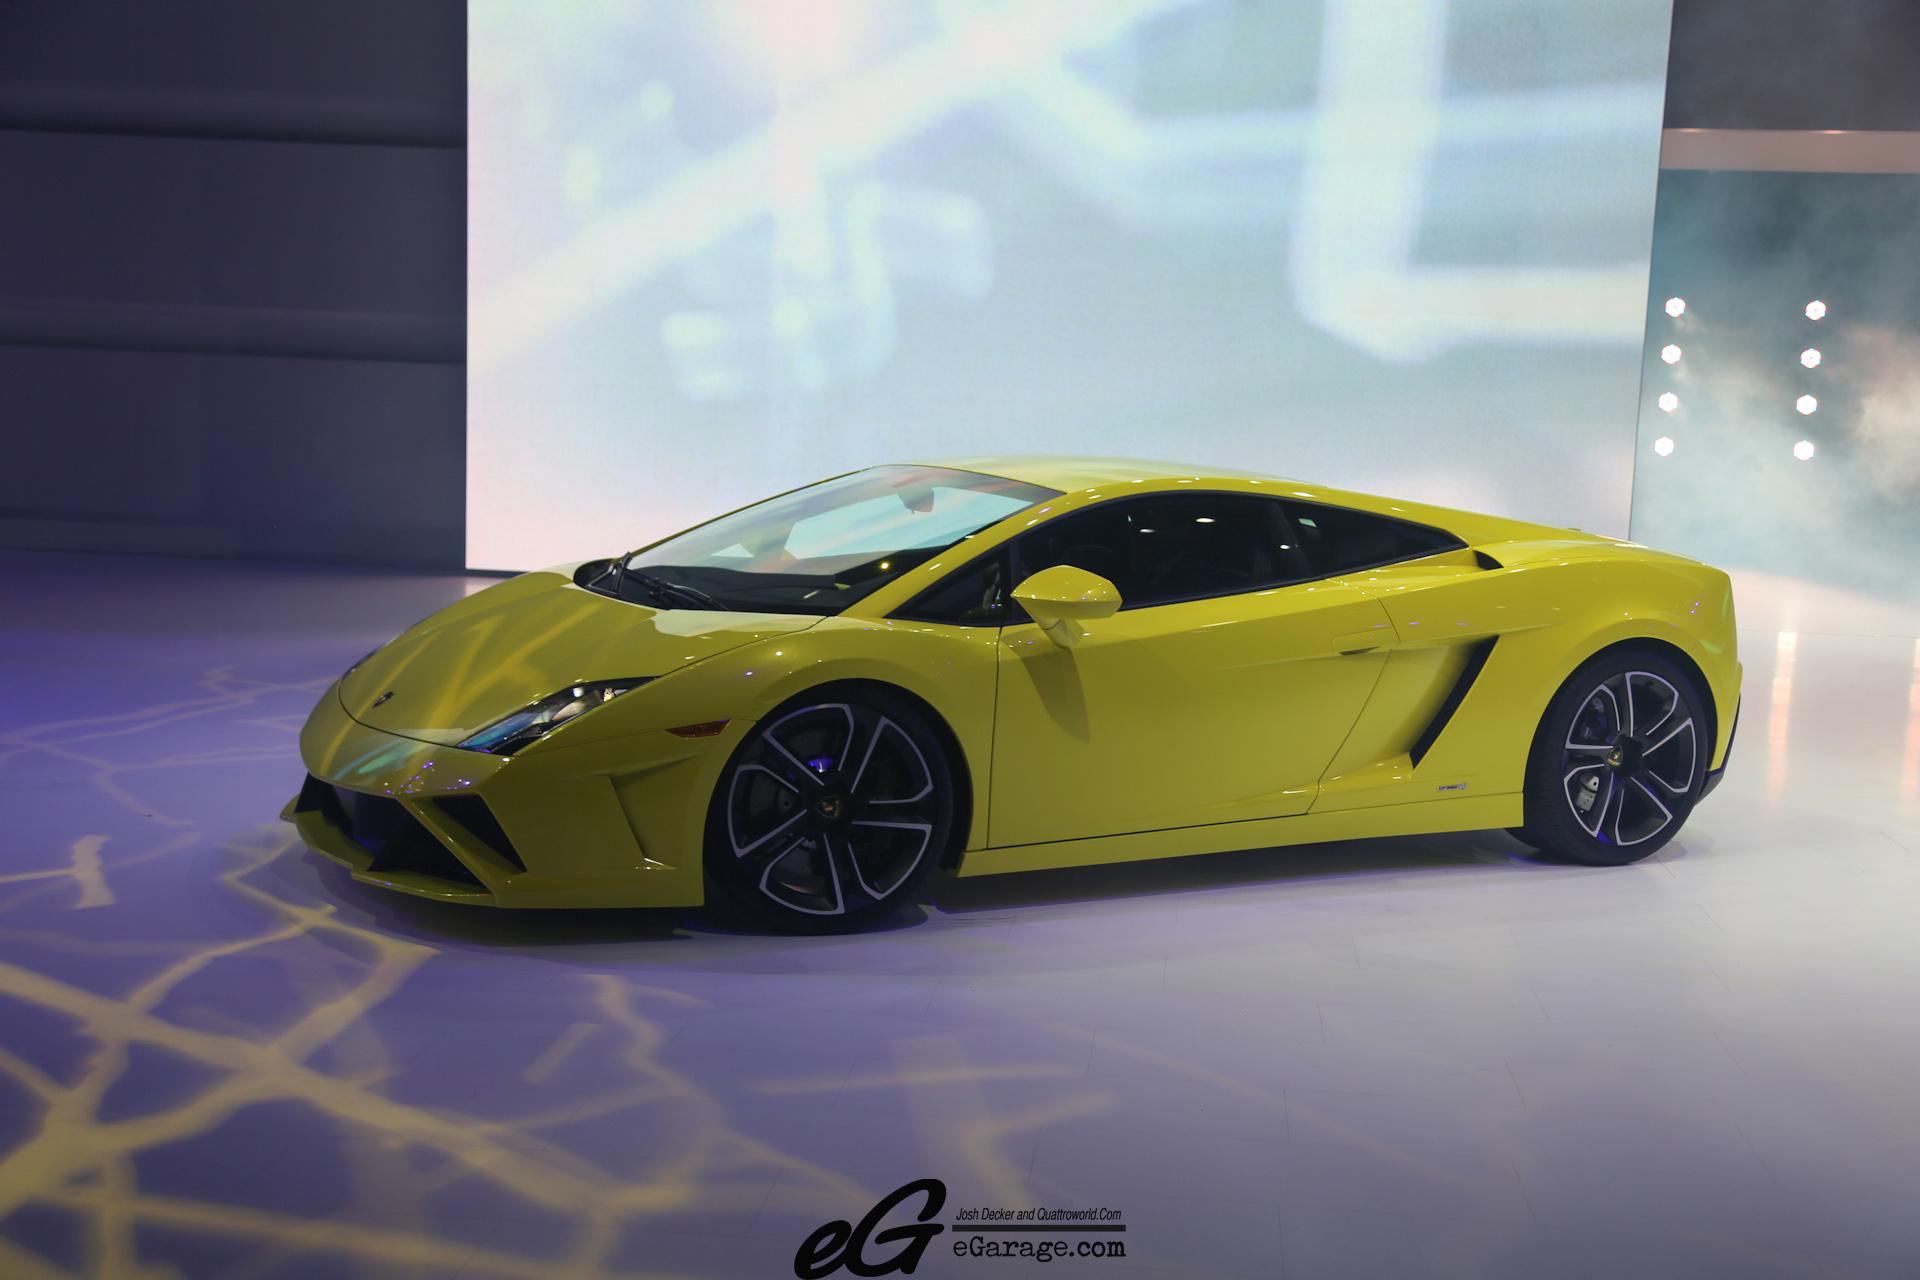 8030388961 e321f4ee1b o 2012 Paris Motor Show